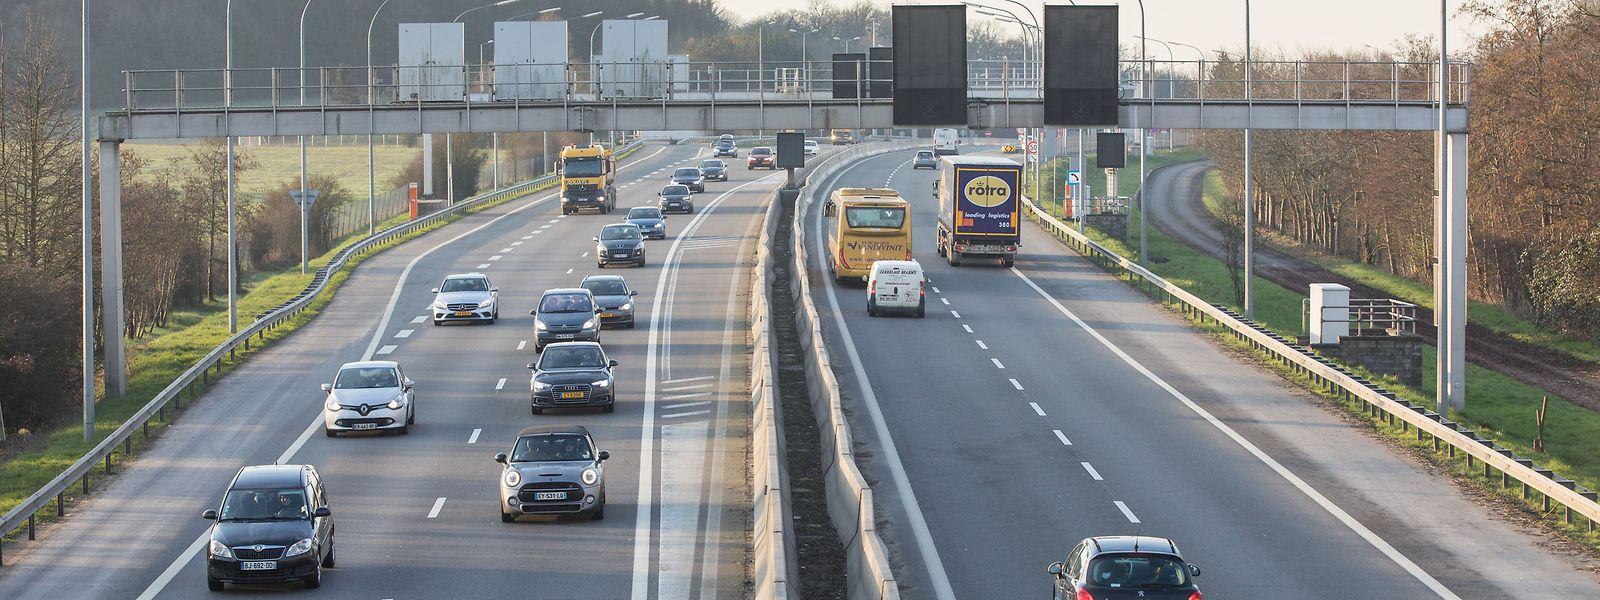 Noch liegt das Verkehrsaufkommen unter dem Normalniveau. Das dürfte sich aber bald wieder ändern.